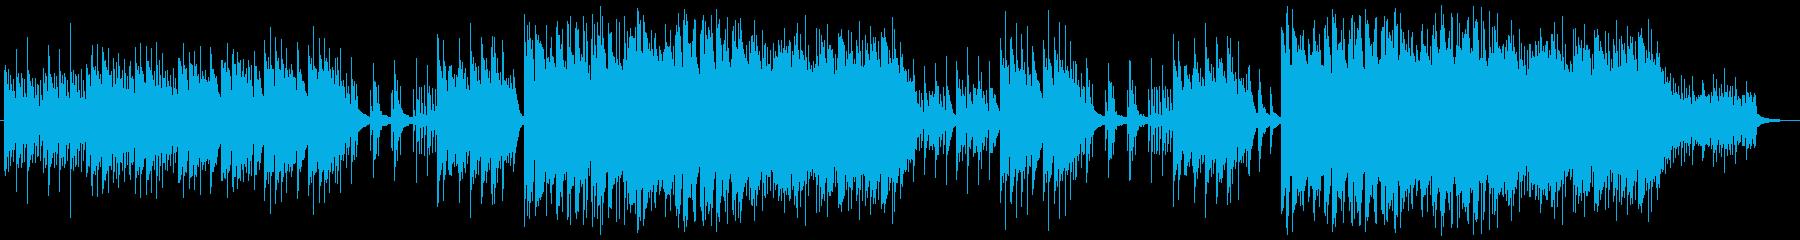 静かに美しく感動的なピアノ独奏曲の再生済みの波形